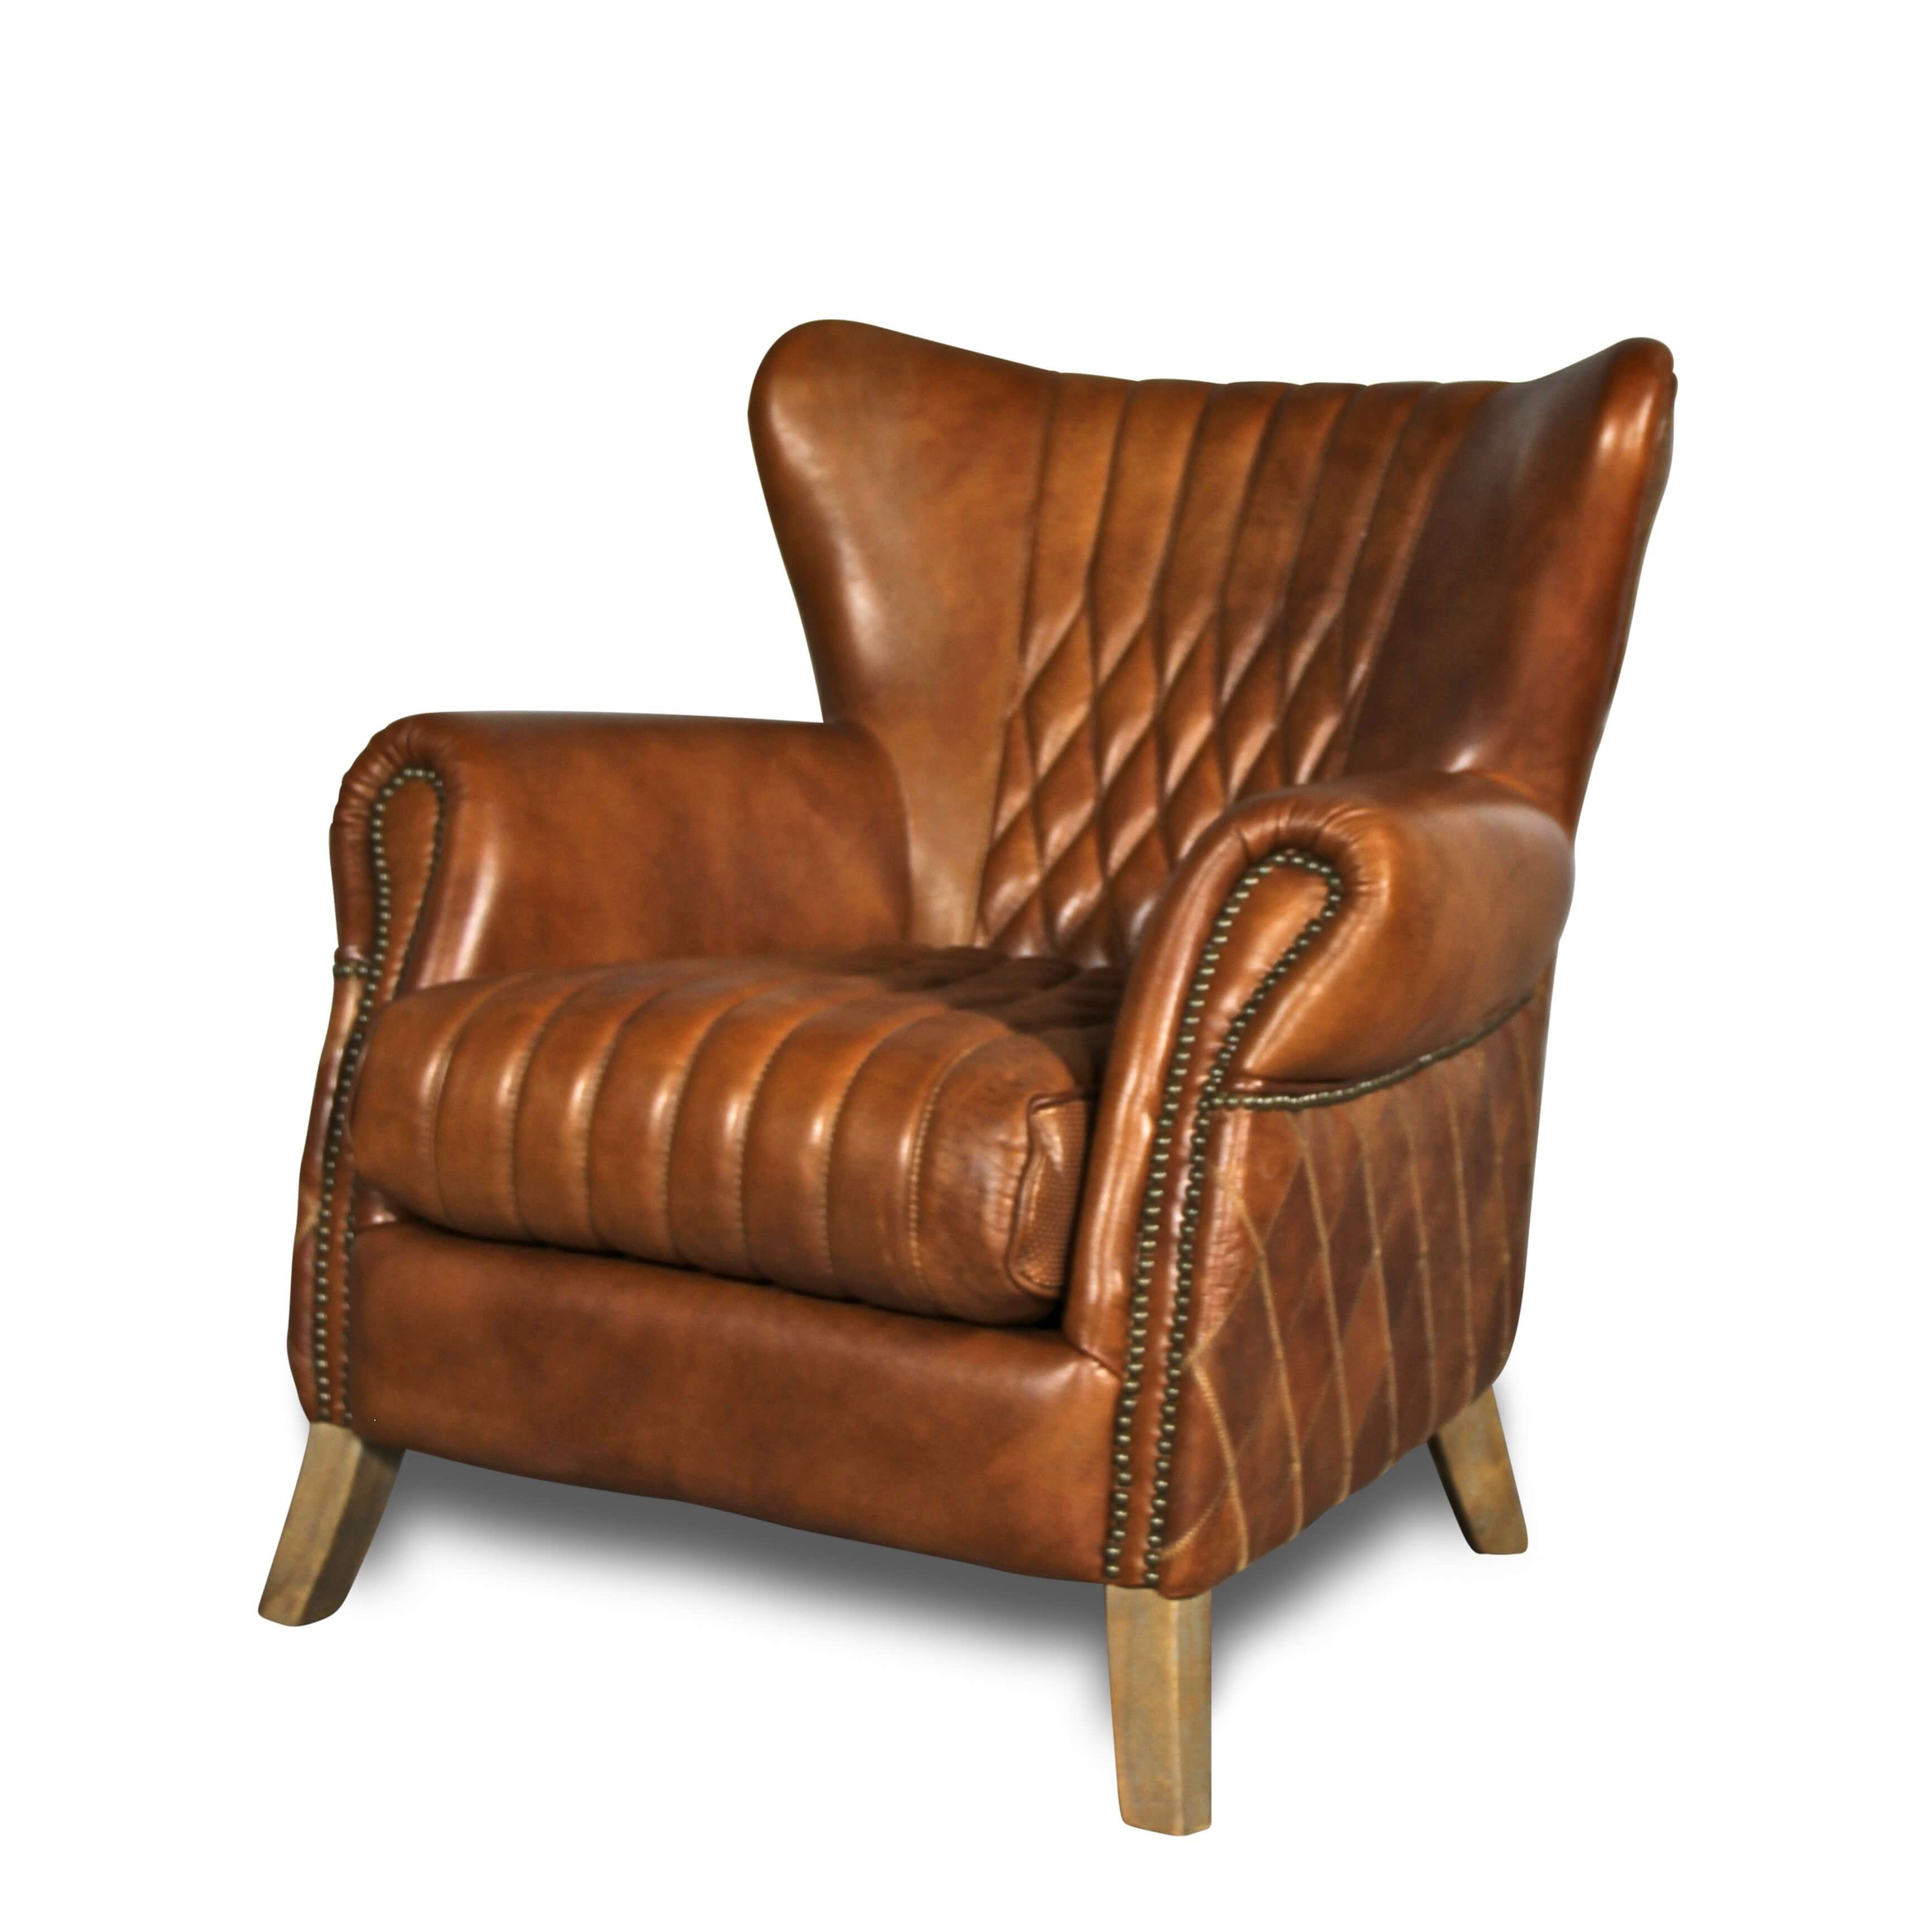 Fauteuil en cuir marron clair vintage avec clous et surpiqures d2a7cb132bb9